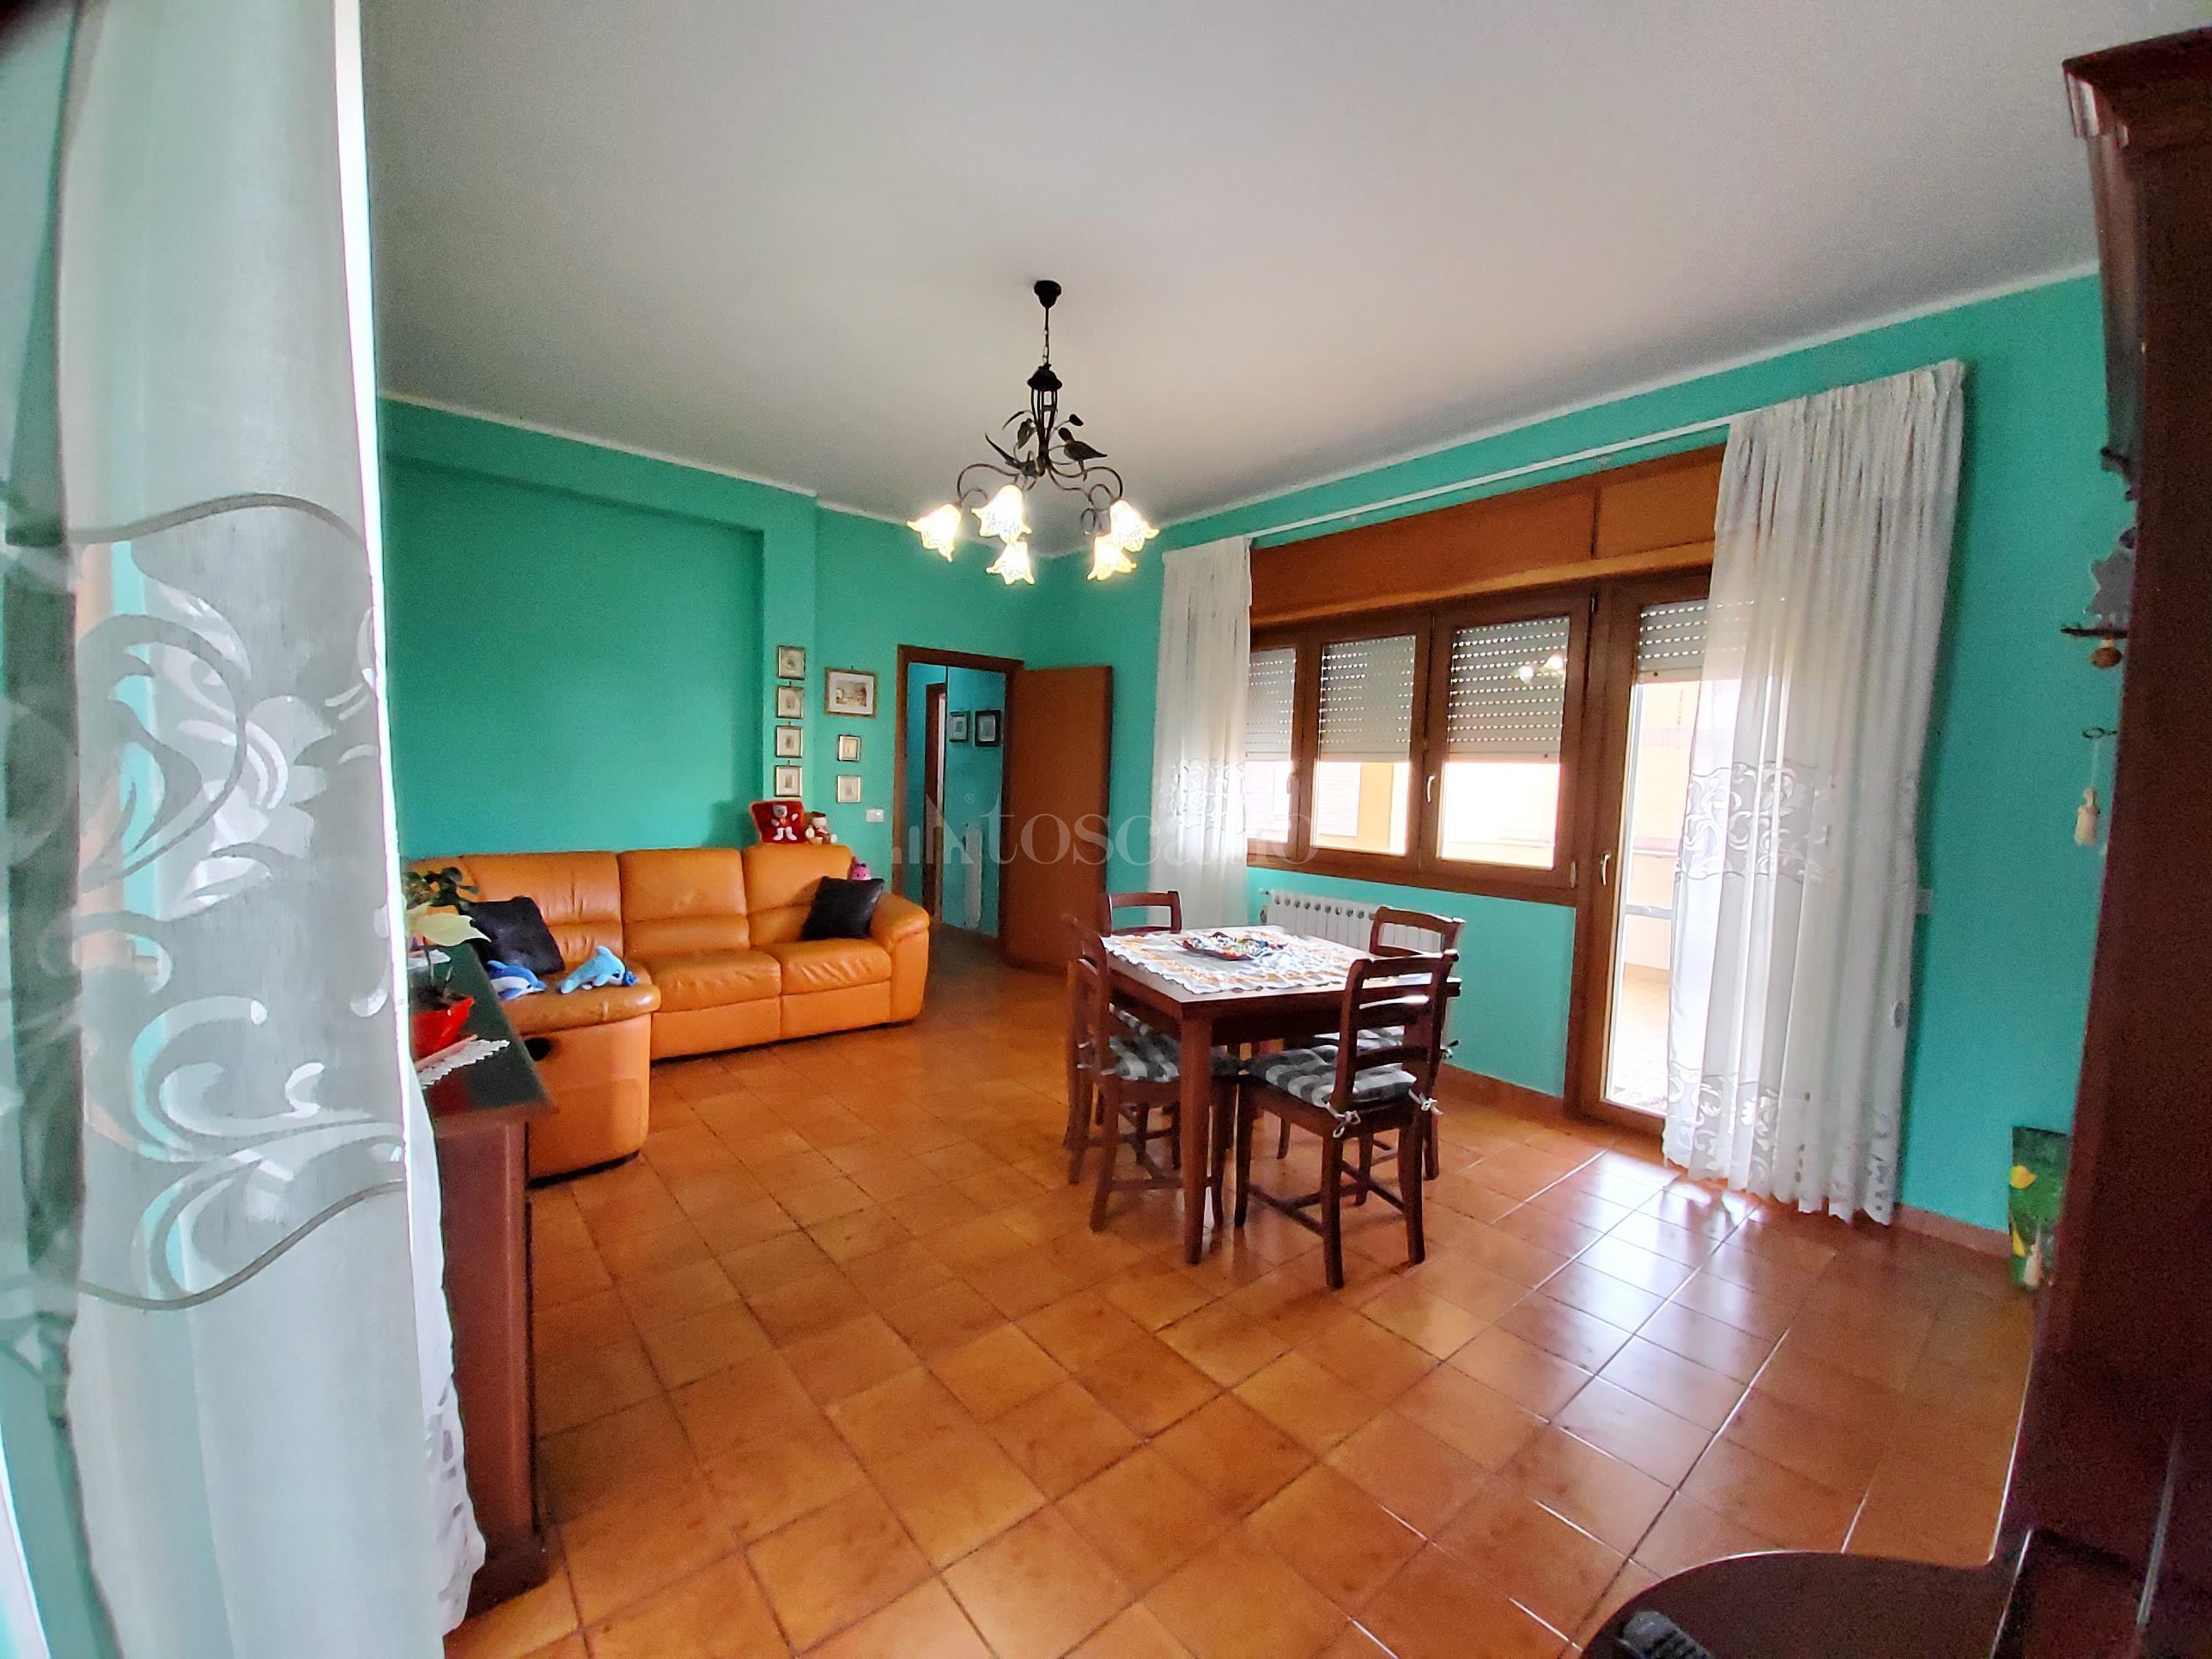 Vendita Case In Olanda vendita casa a pomezia in via olanda 35/2019 | toscano